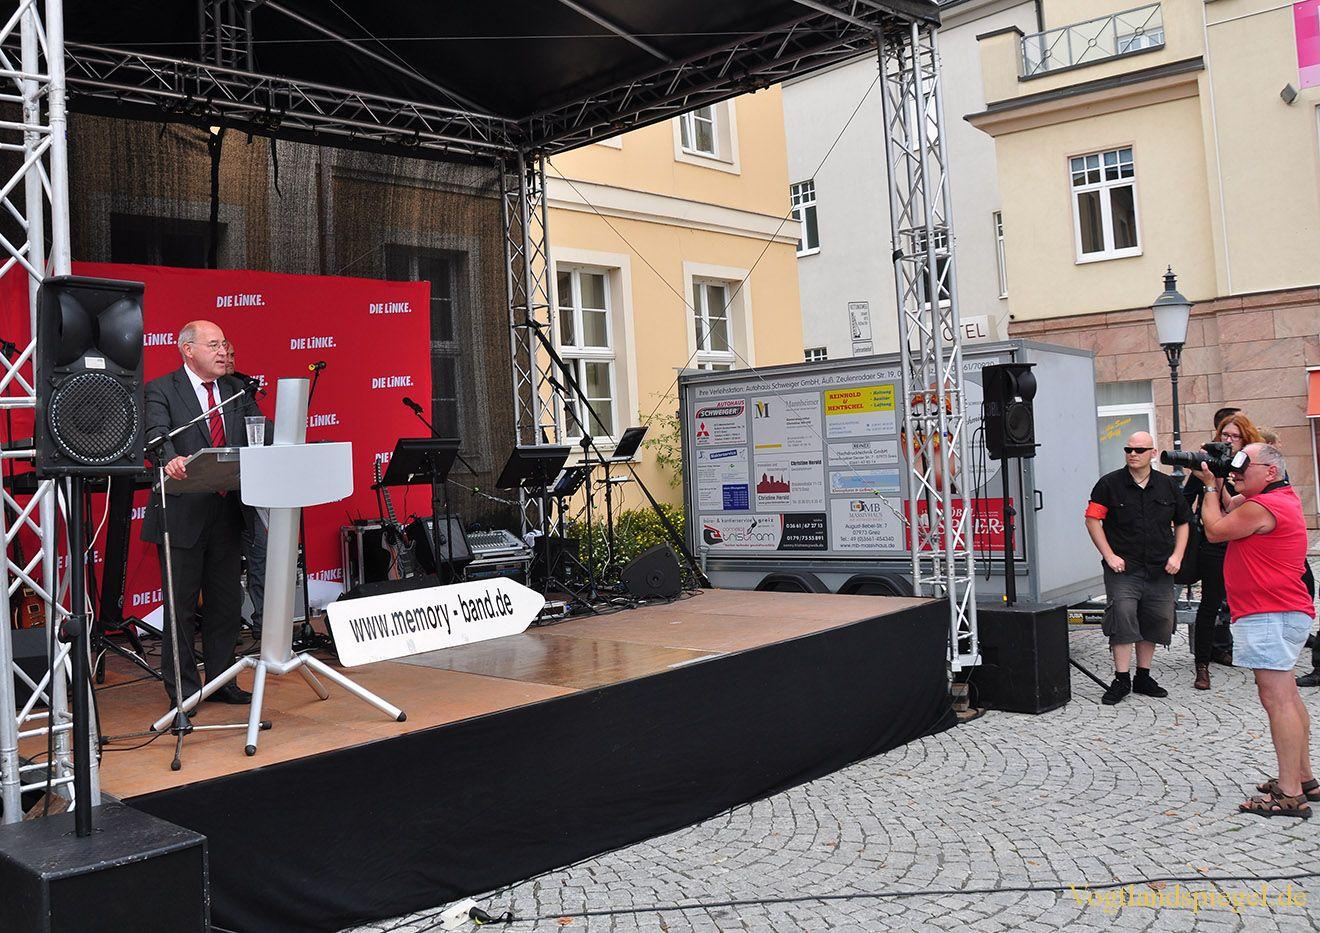 Gregor Gysi weist mit flammender Rede auf deutsche Missstände hin